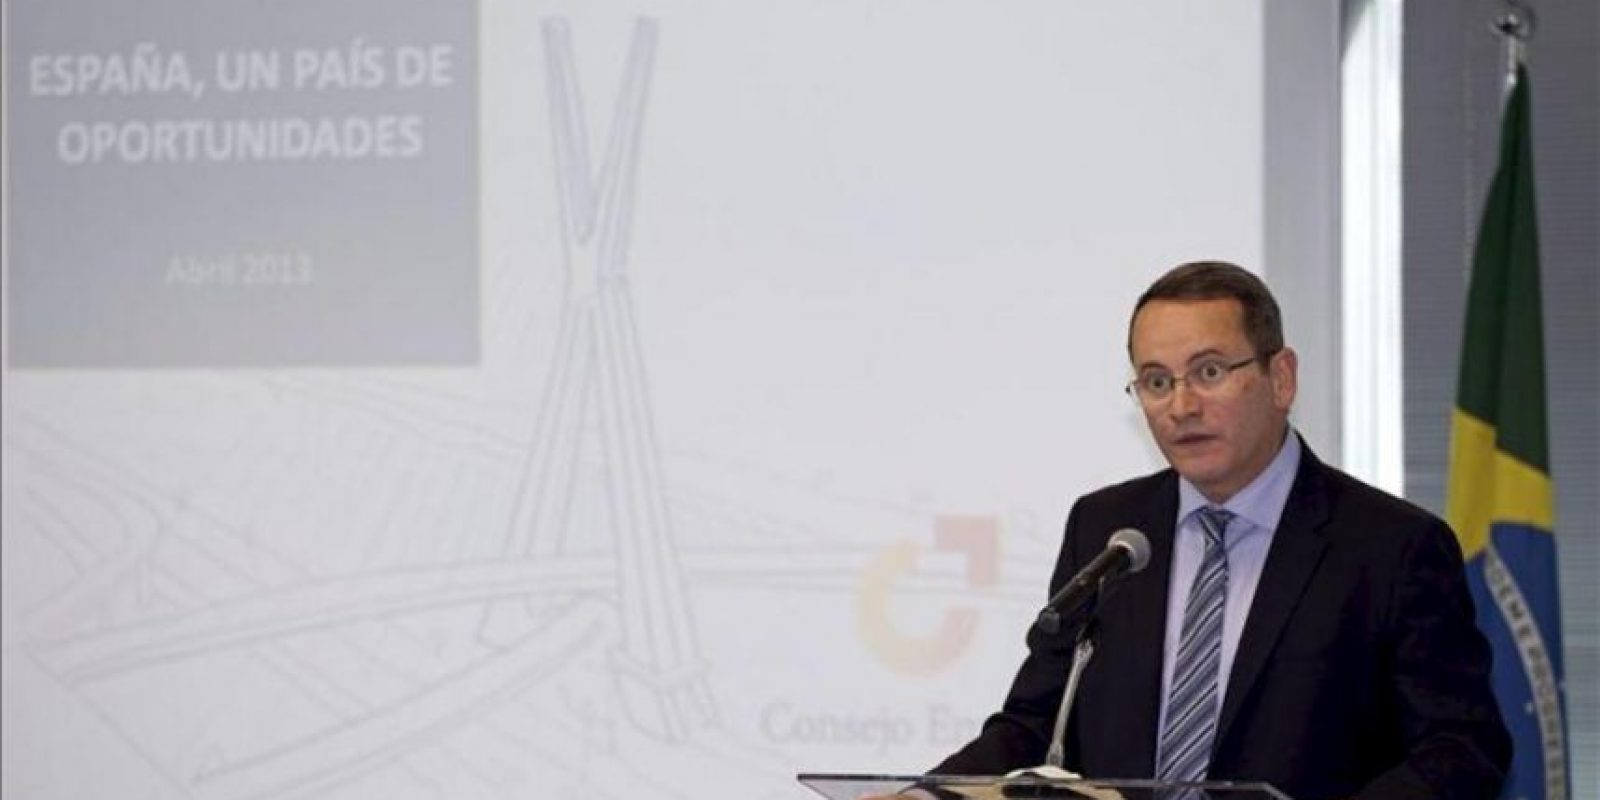 El director de Estrategia y Alianzas de Telefónica de España y miembro del Consejo Empresarial para la Competitividad, Eduardo Navarro, habla este 23 de abril de 2013, durante la apertura de la conferencia España, un país de Oportunidades realizada en la sed de la Cámara Oficial Española de Comercio en Brasil. EFE